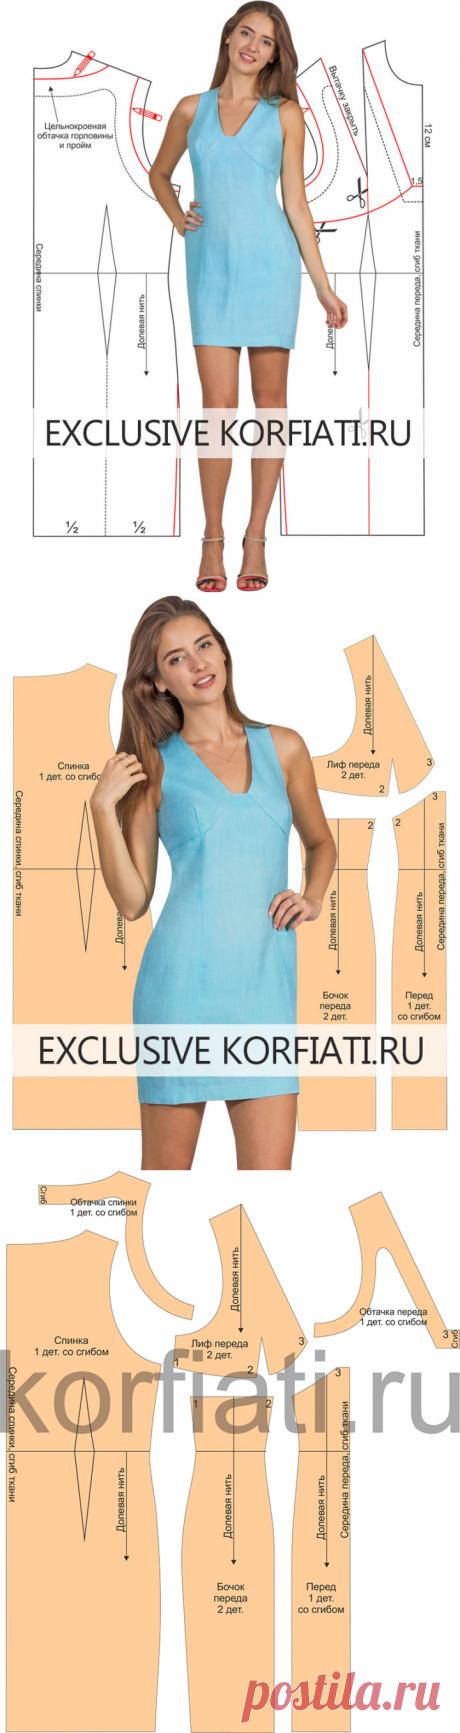 Выкройка льняного платья - ШКОЛА ШИТЬЯ Анастасии Корфиати